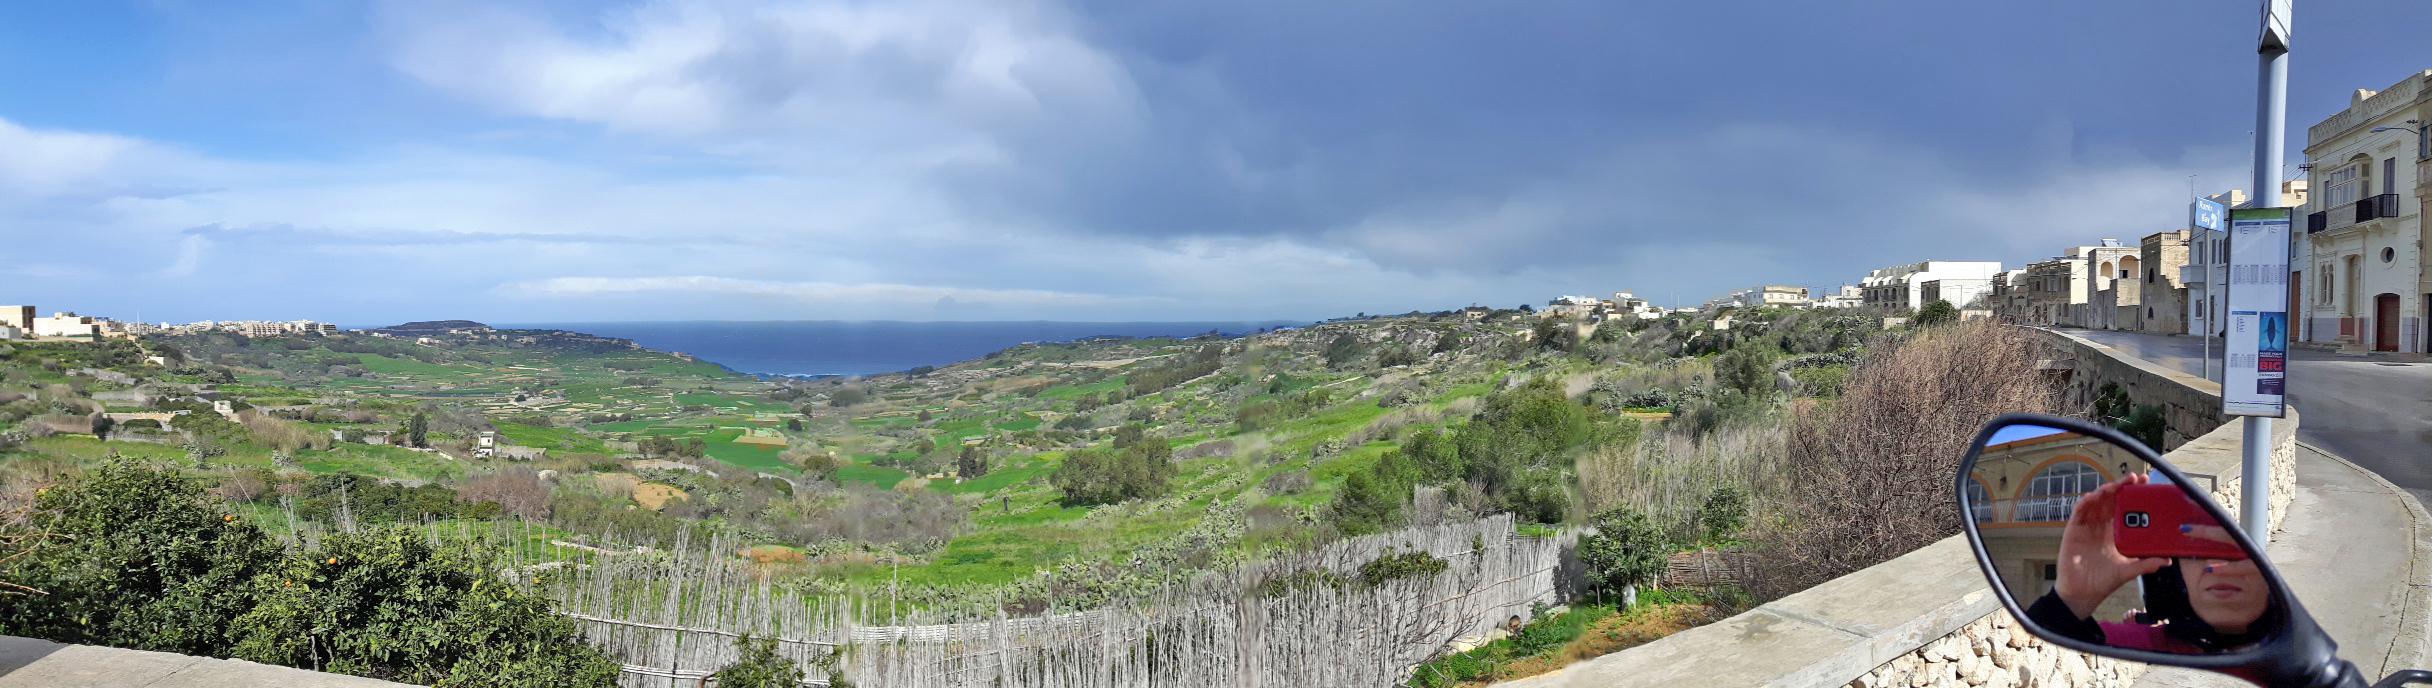 Exploring_Gozo_On_ATV_Malta